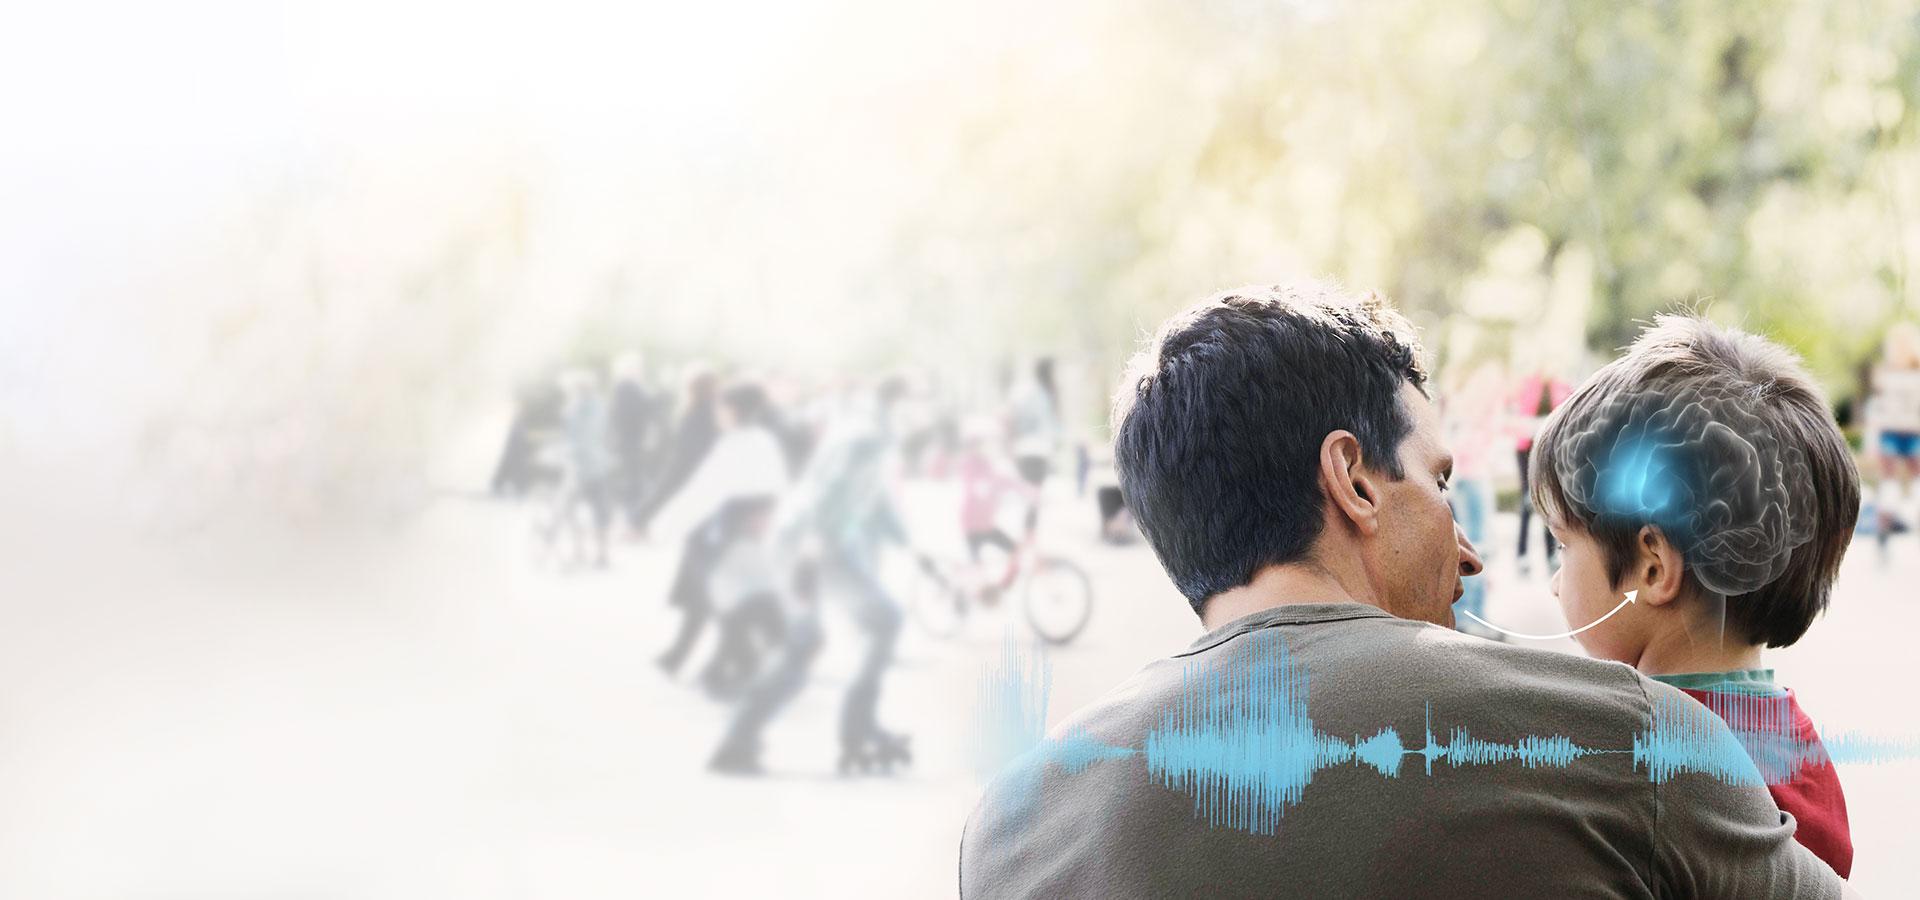 père et son fils en sortie au parc avec ondes bleues